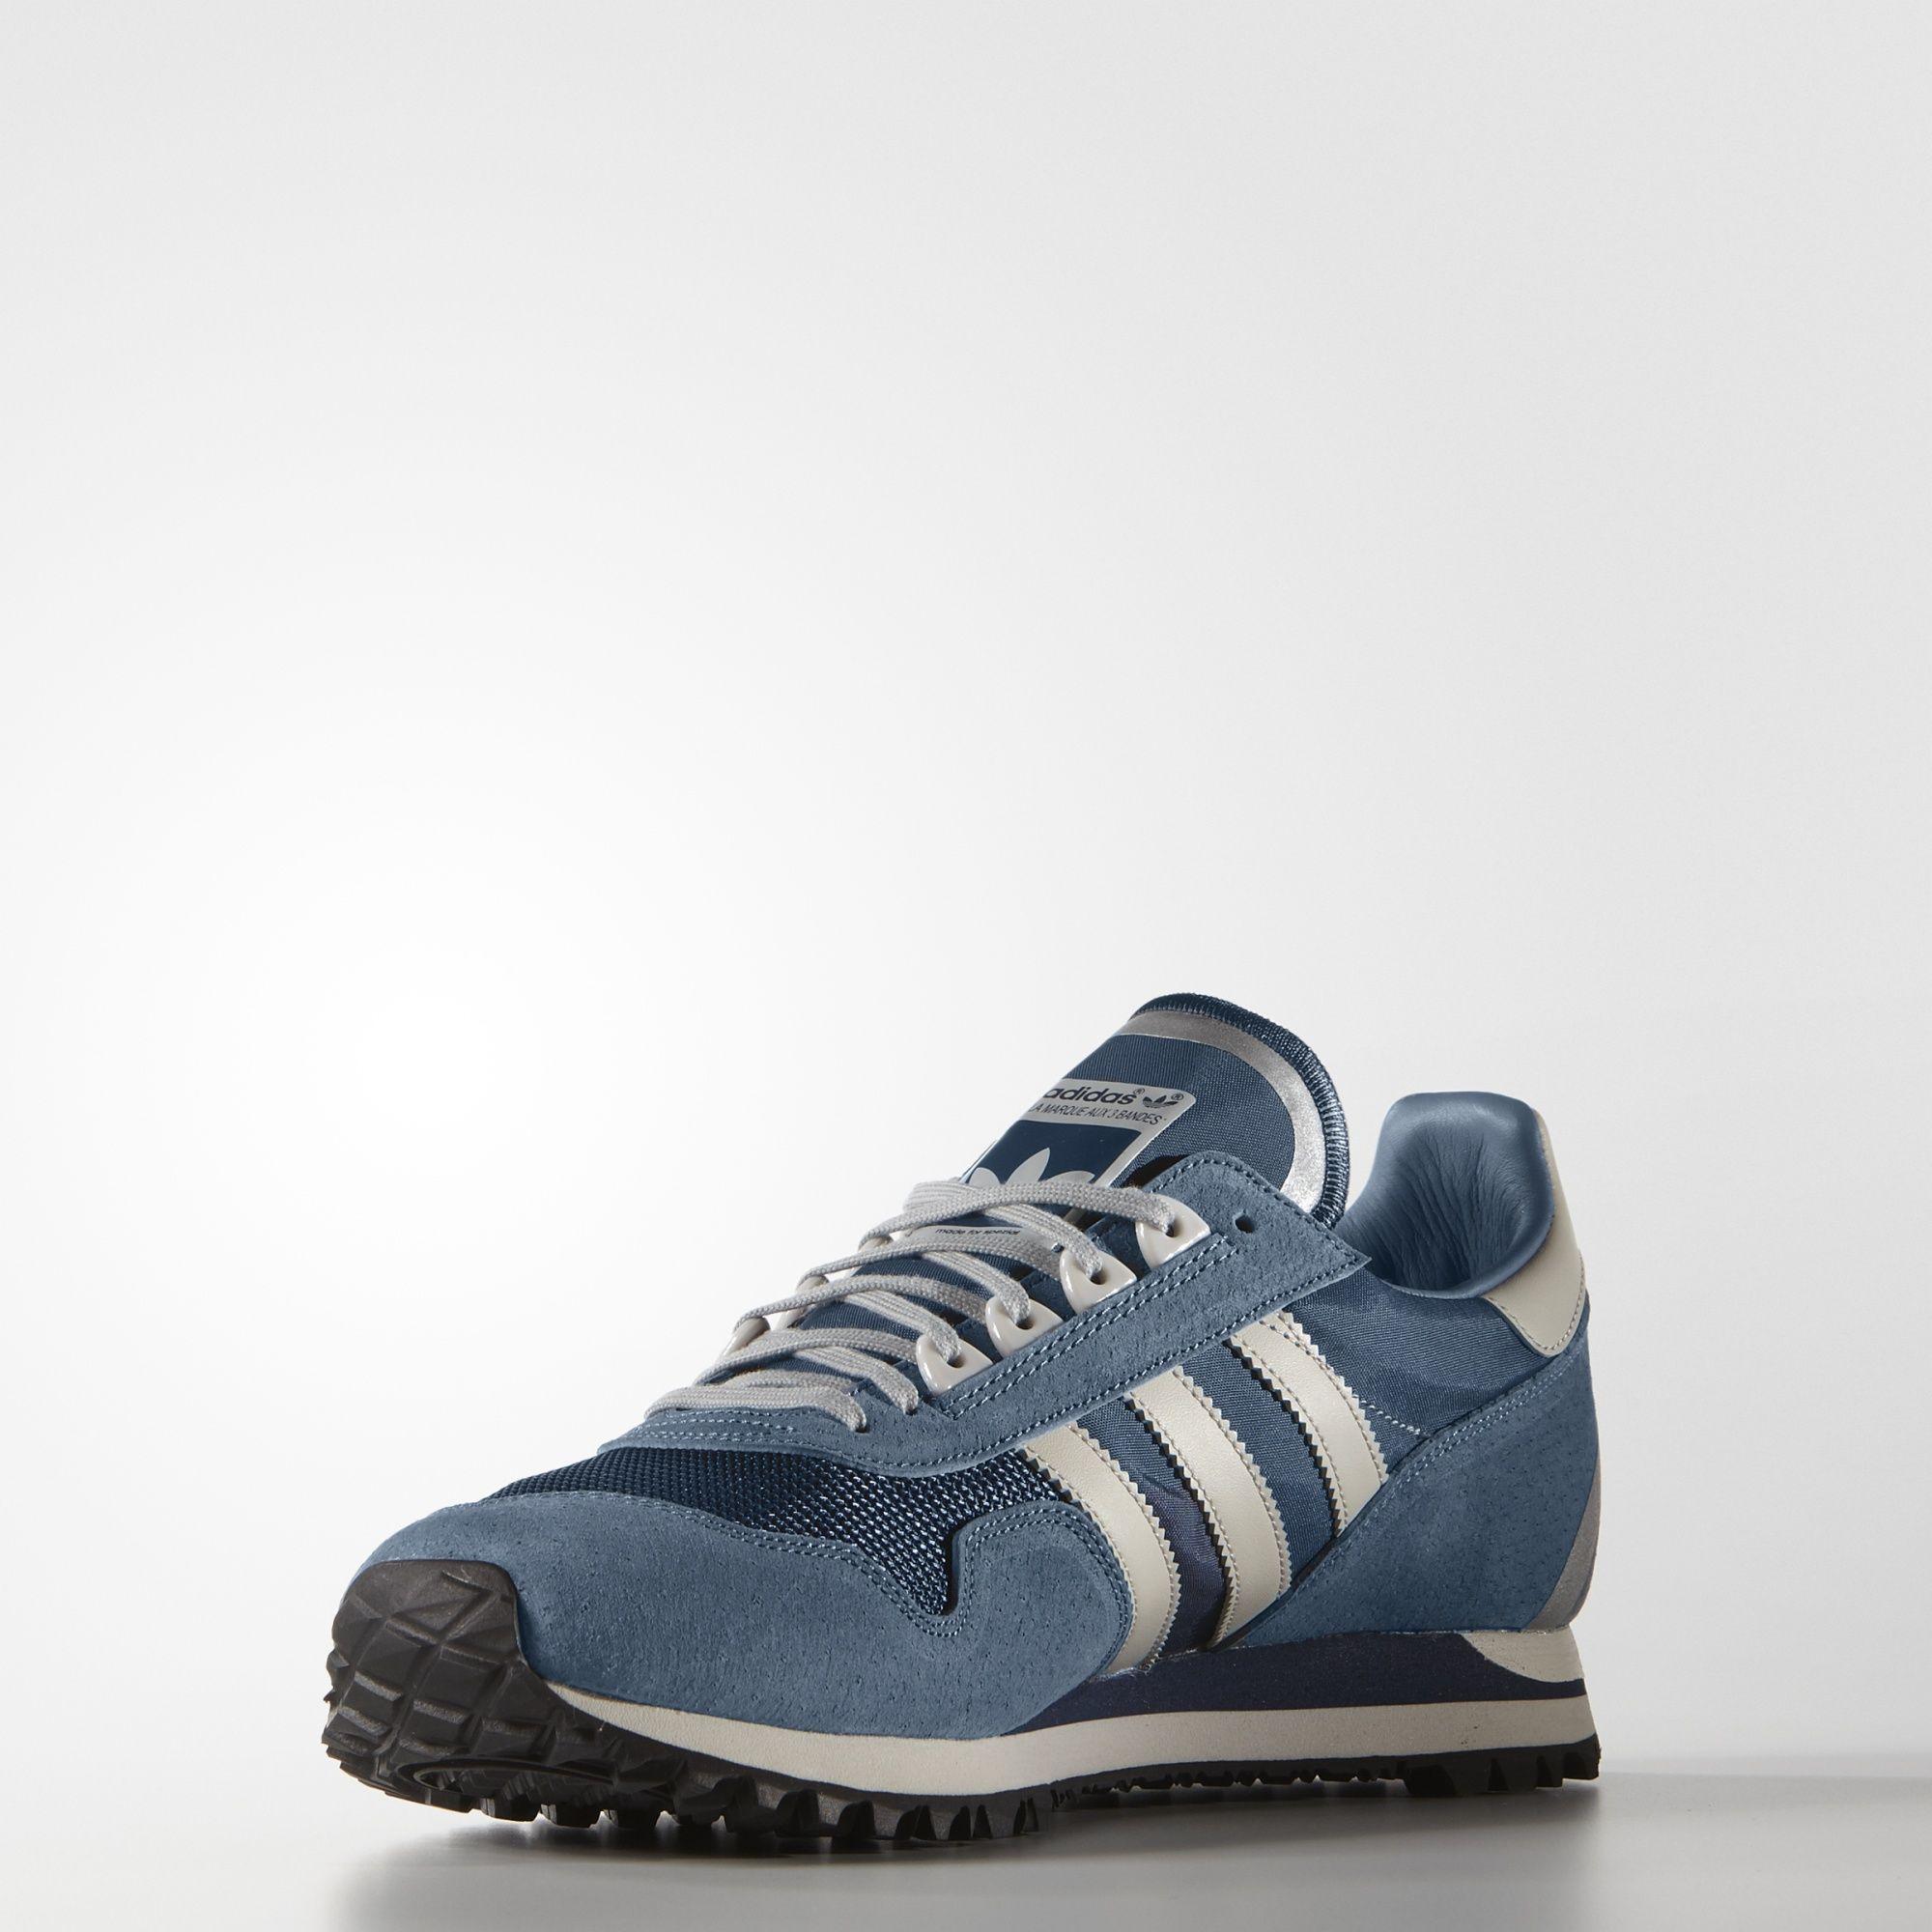 5372a Quality Top Spzl F9e0d Adidas Zx 400 Schuh TK1lFJc3